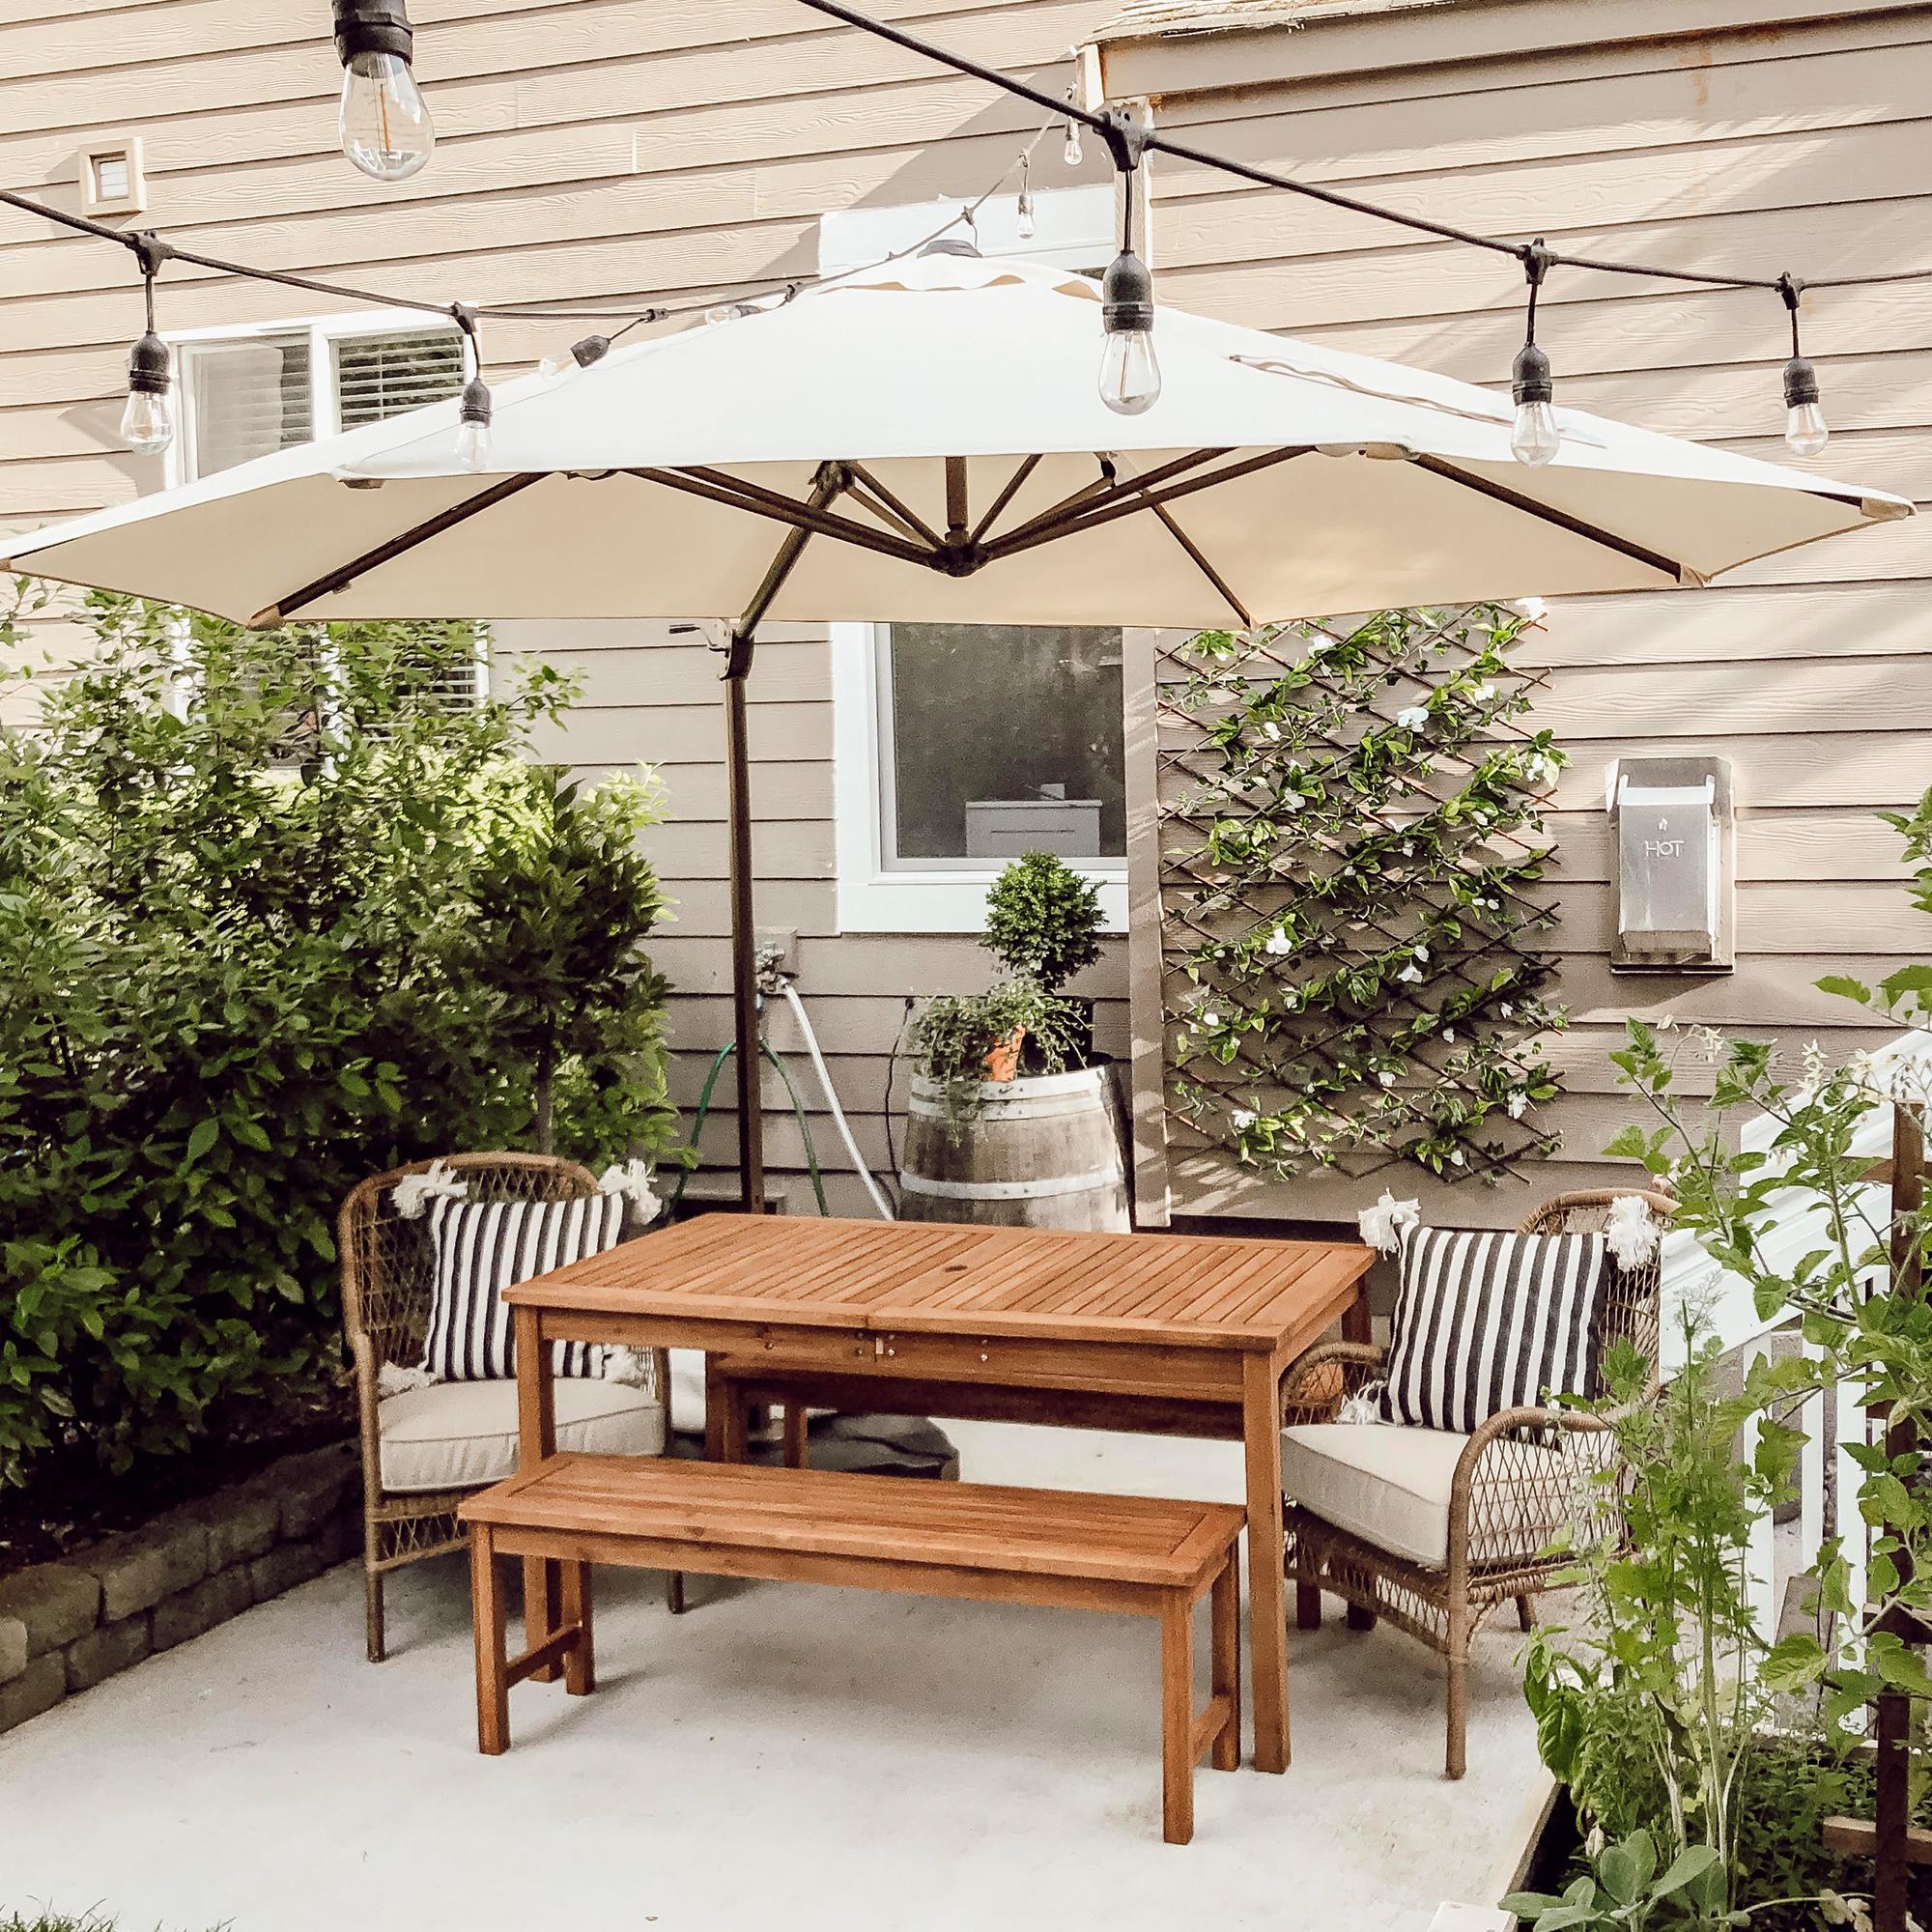 11 Feet Sunbrella Offset Cantilever Patio Umbrella In 2020 Backyard Furniture Patio Design Cantilever Patio Umbrella